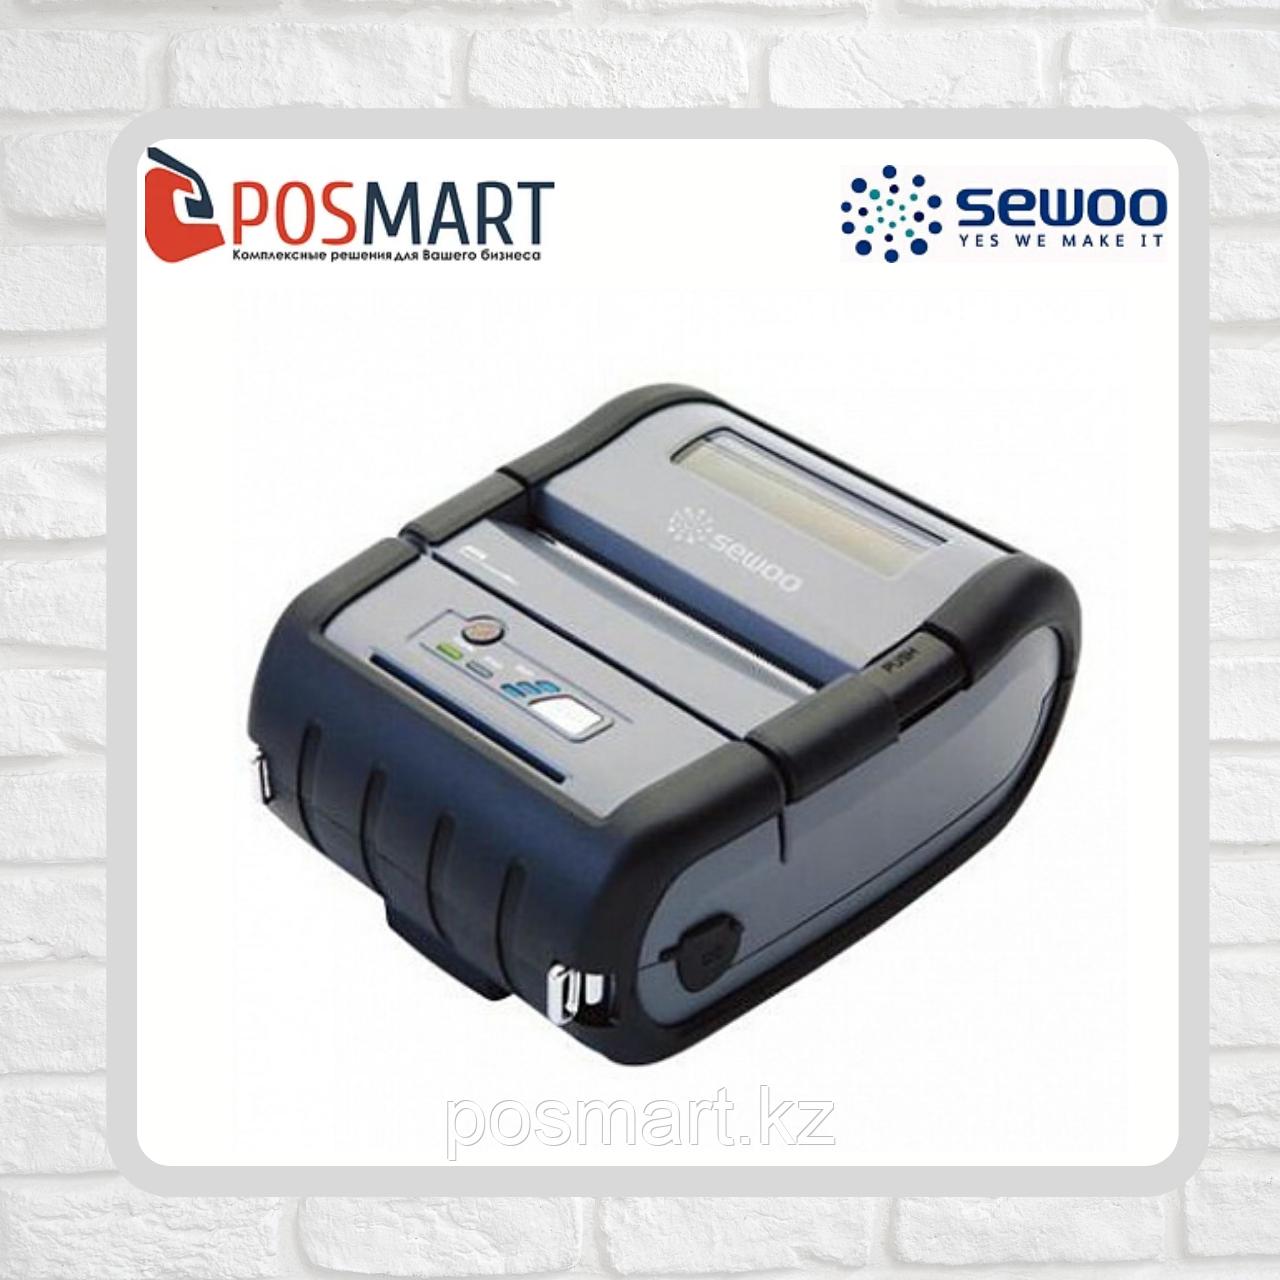 Мобильный принтер этикеток и чеков Sewoo LK-P30SW